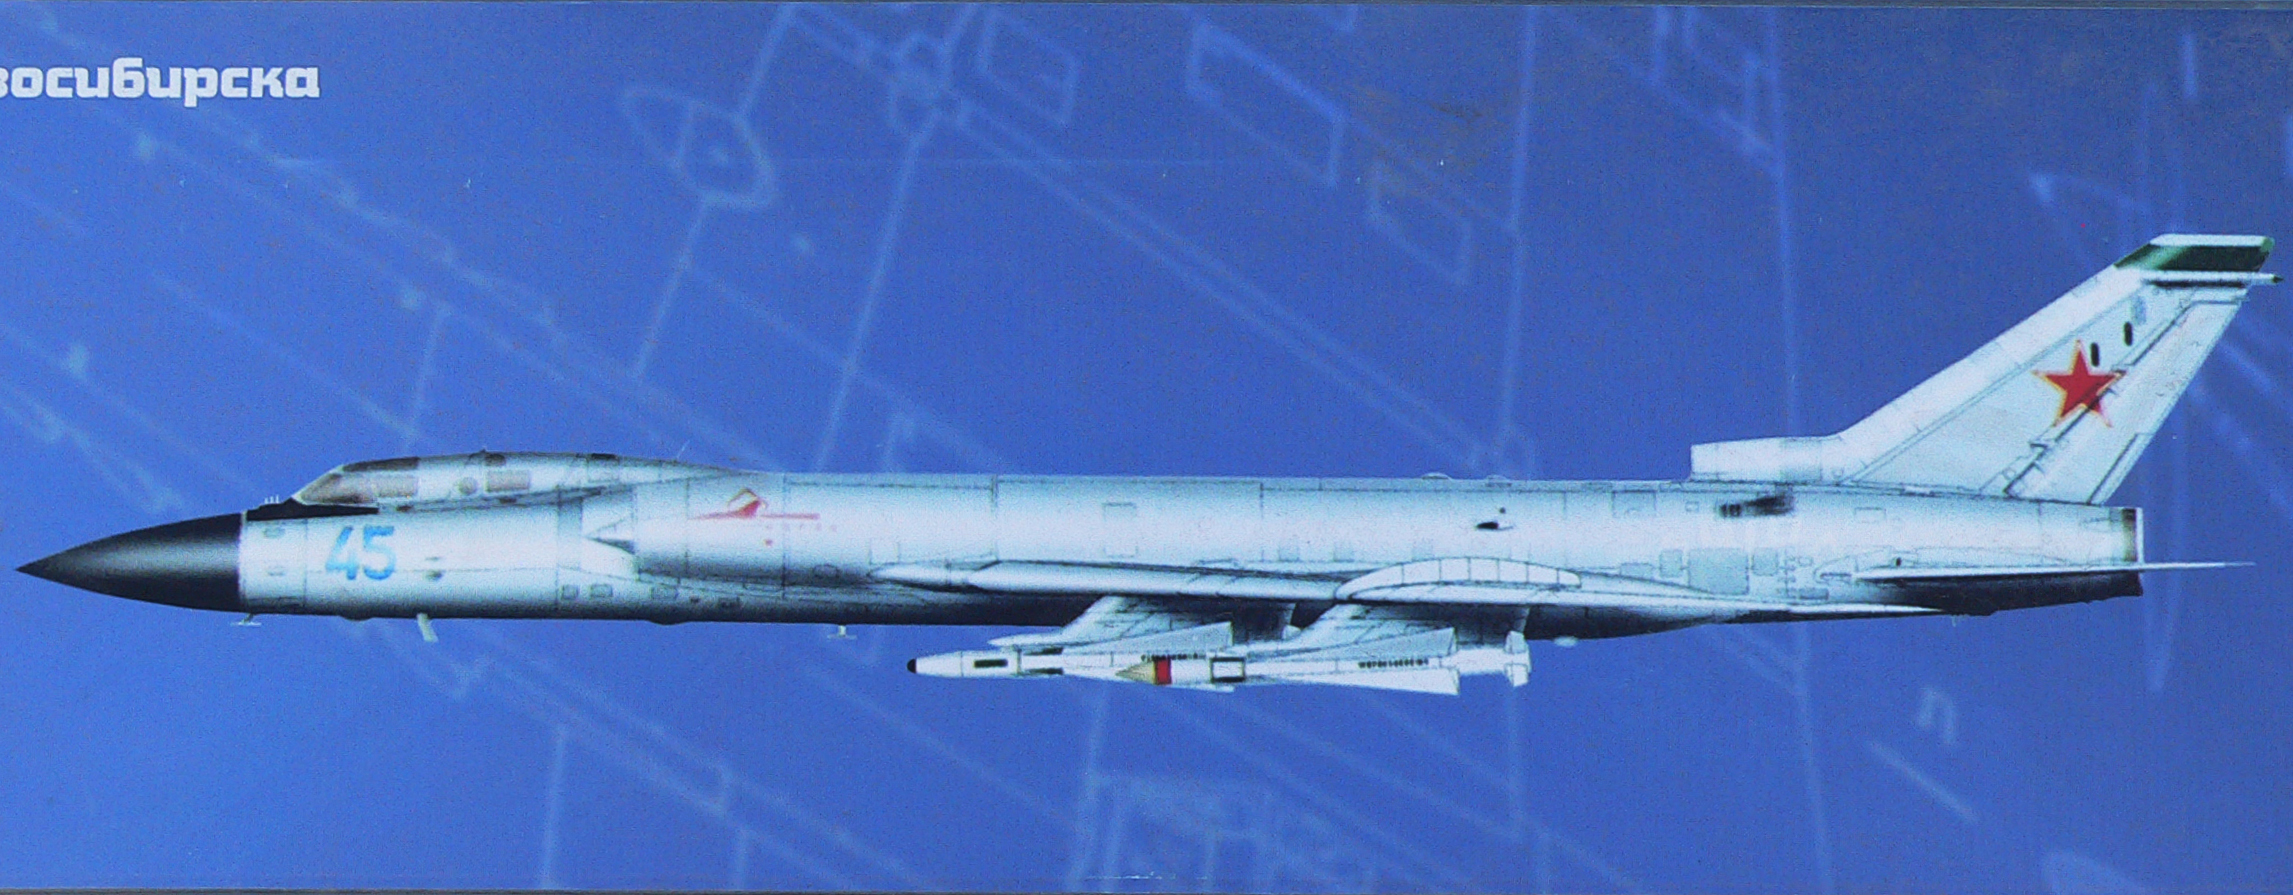 Фотография-самолета-Ту128